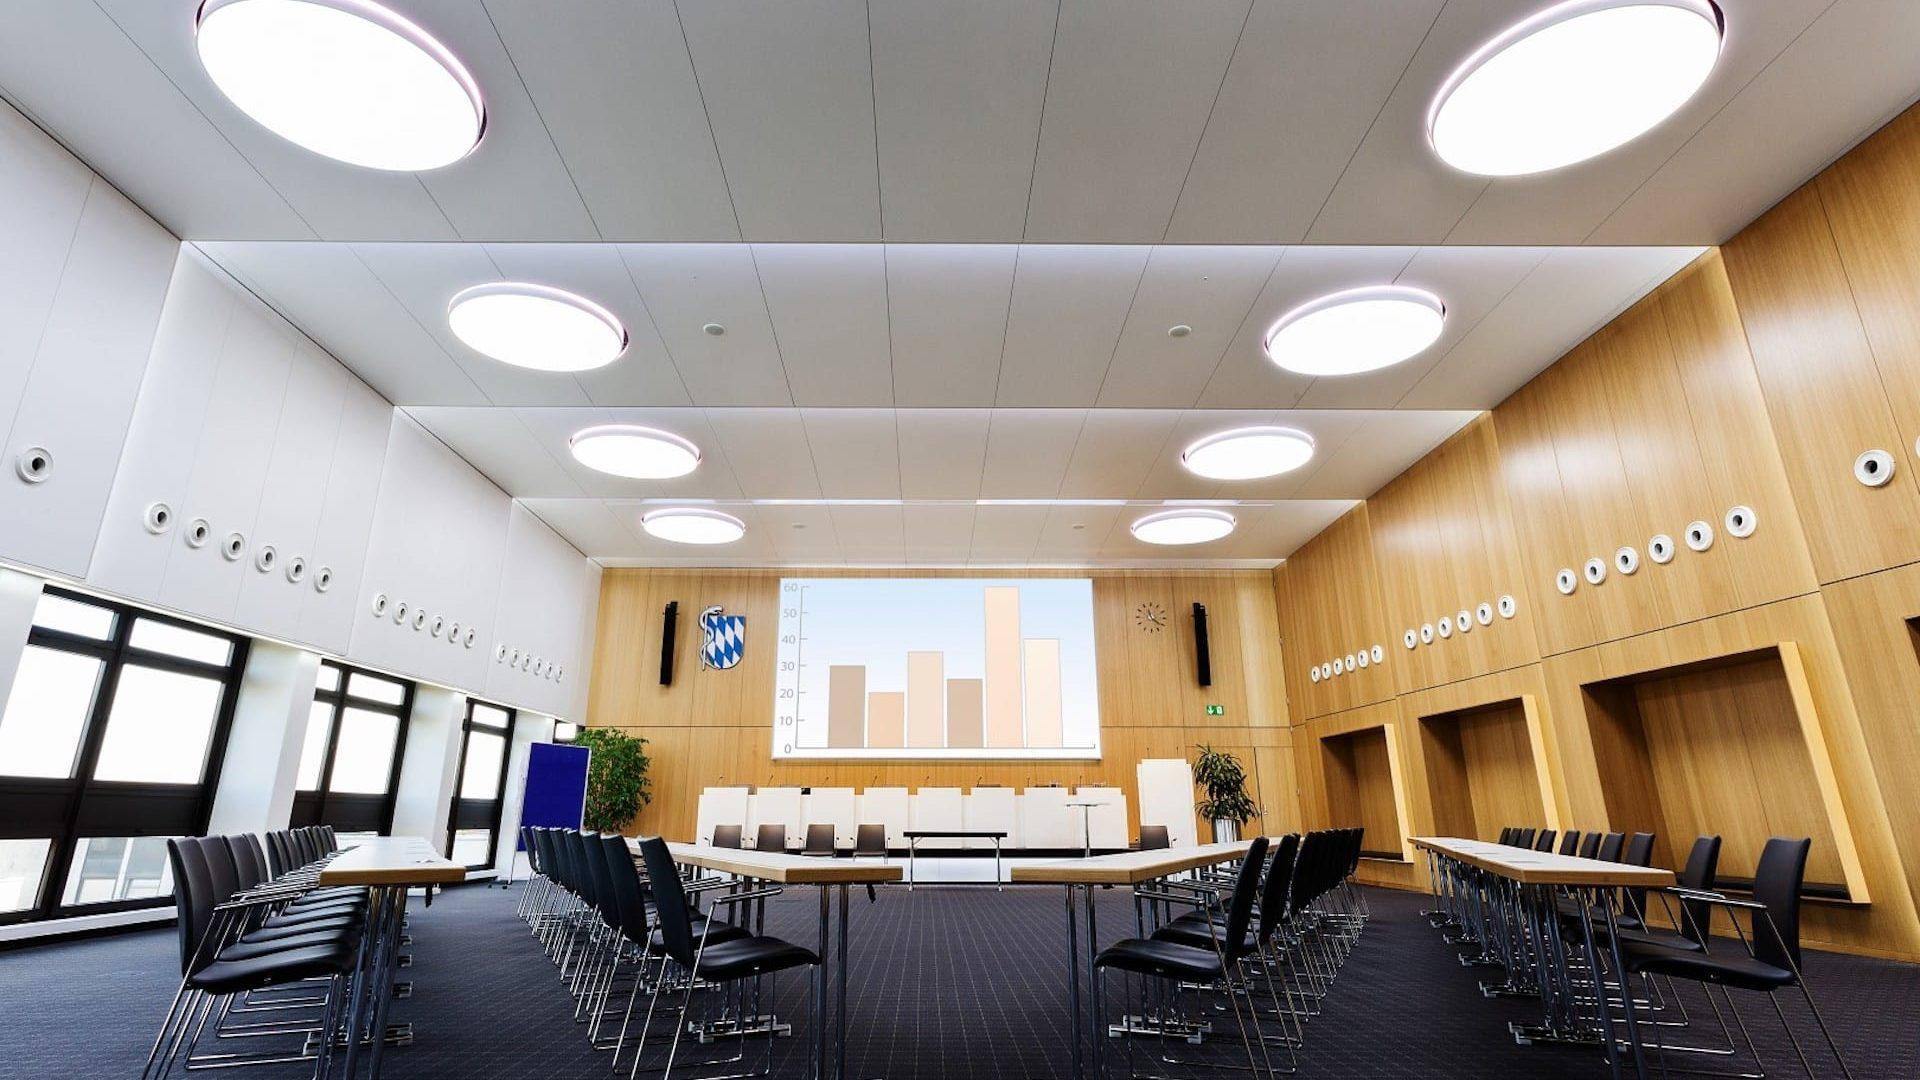 lichdecke im konferenzraum